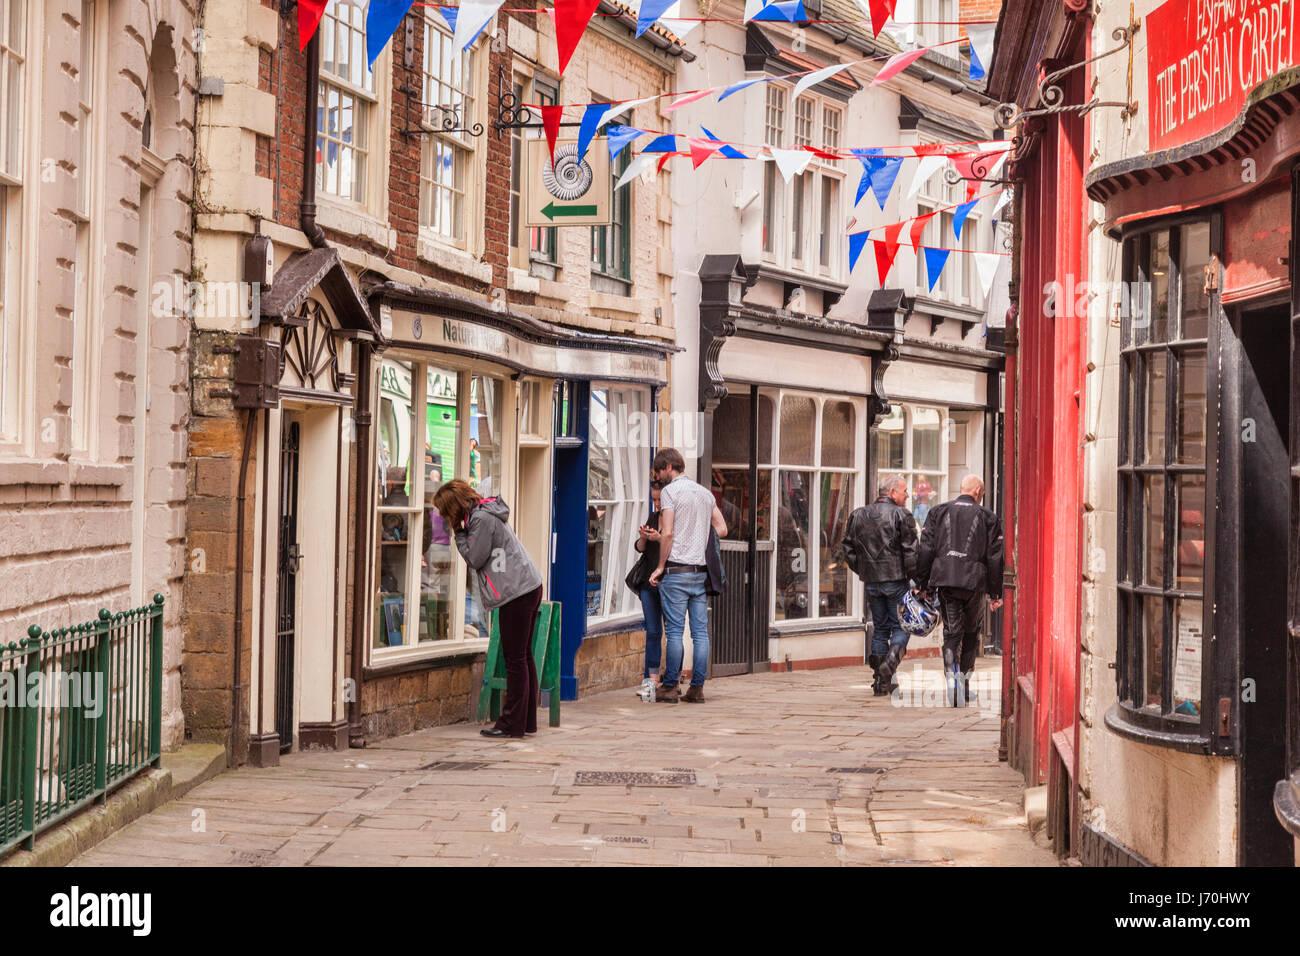 Los compradores y visitantes en Grape Lane, Whitby, North Yorkshire, Inglaterra. Imagen De Stock